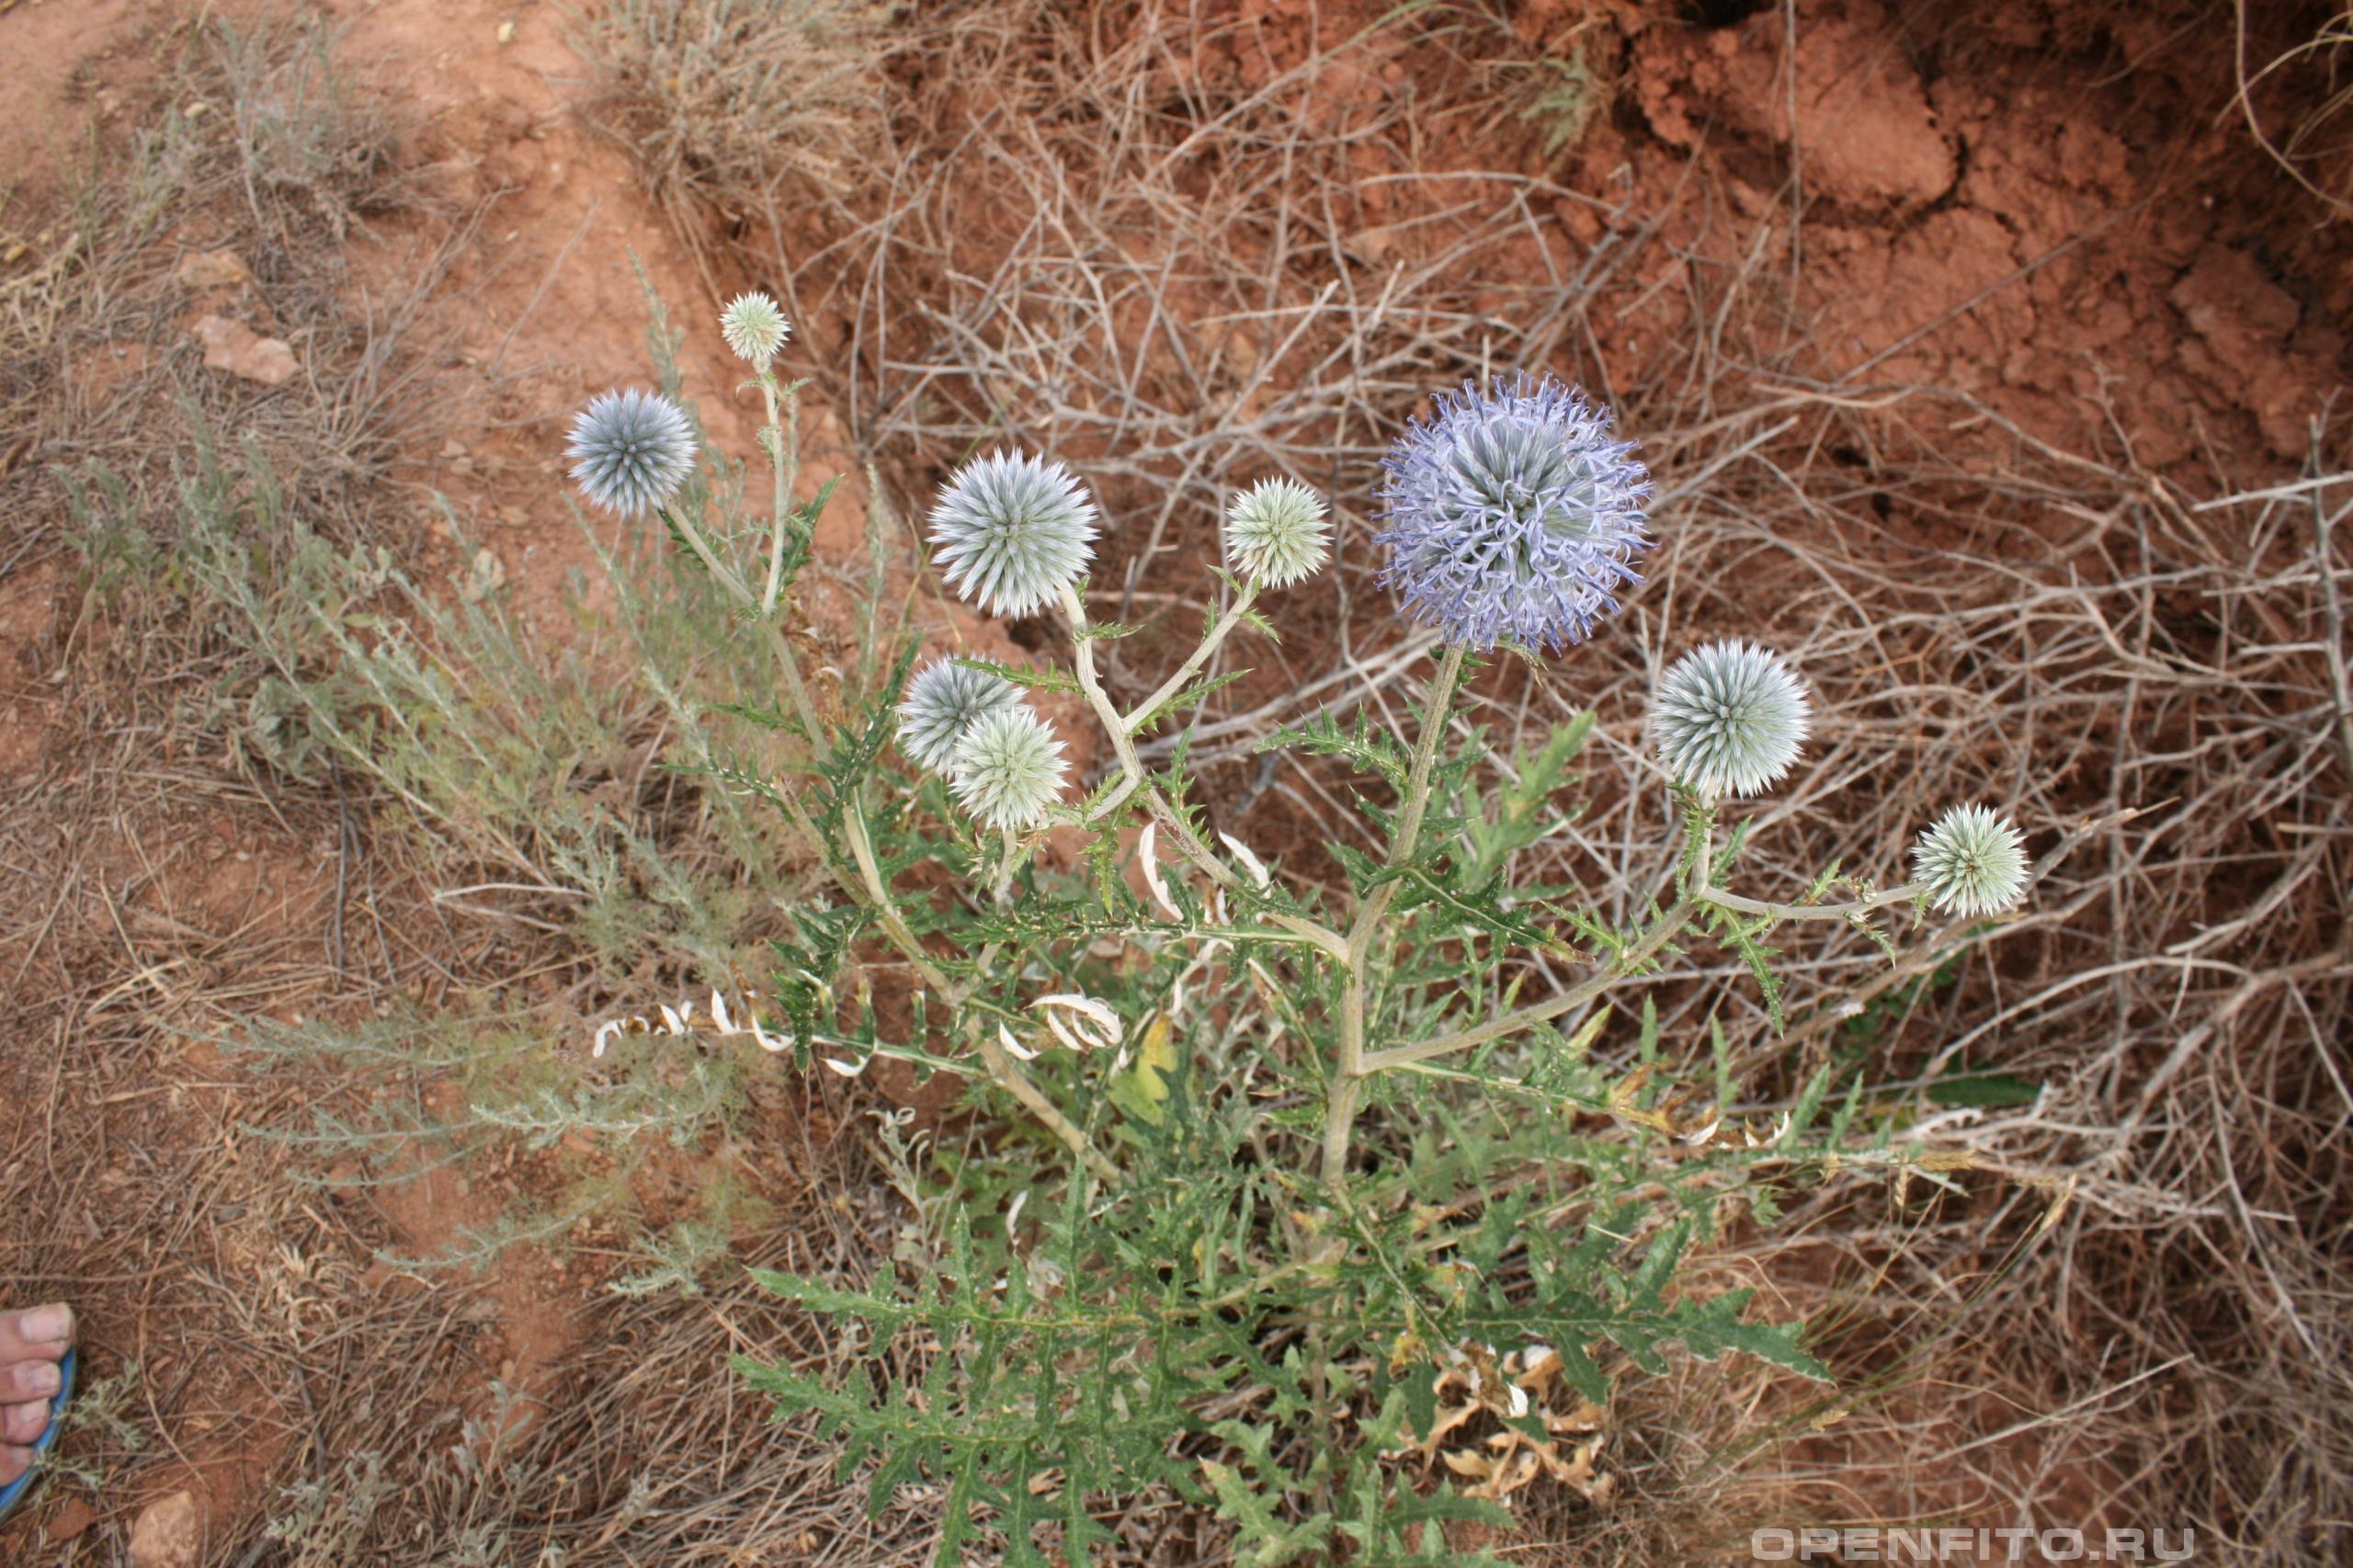 Мордовник шароголовый цветущее растение